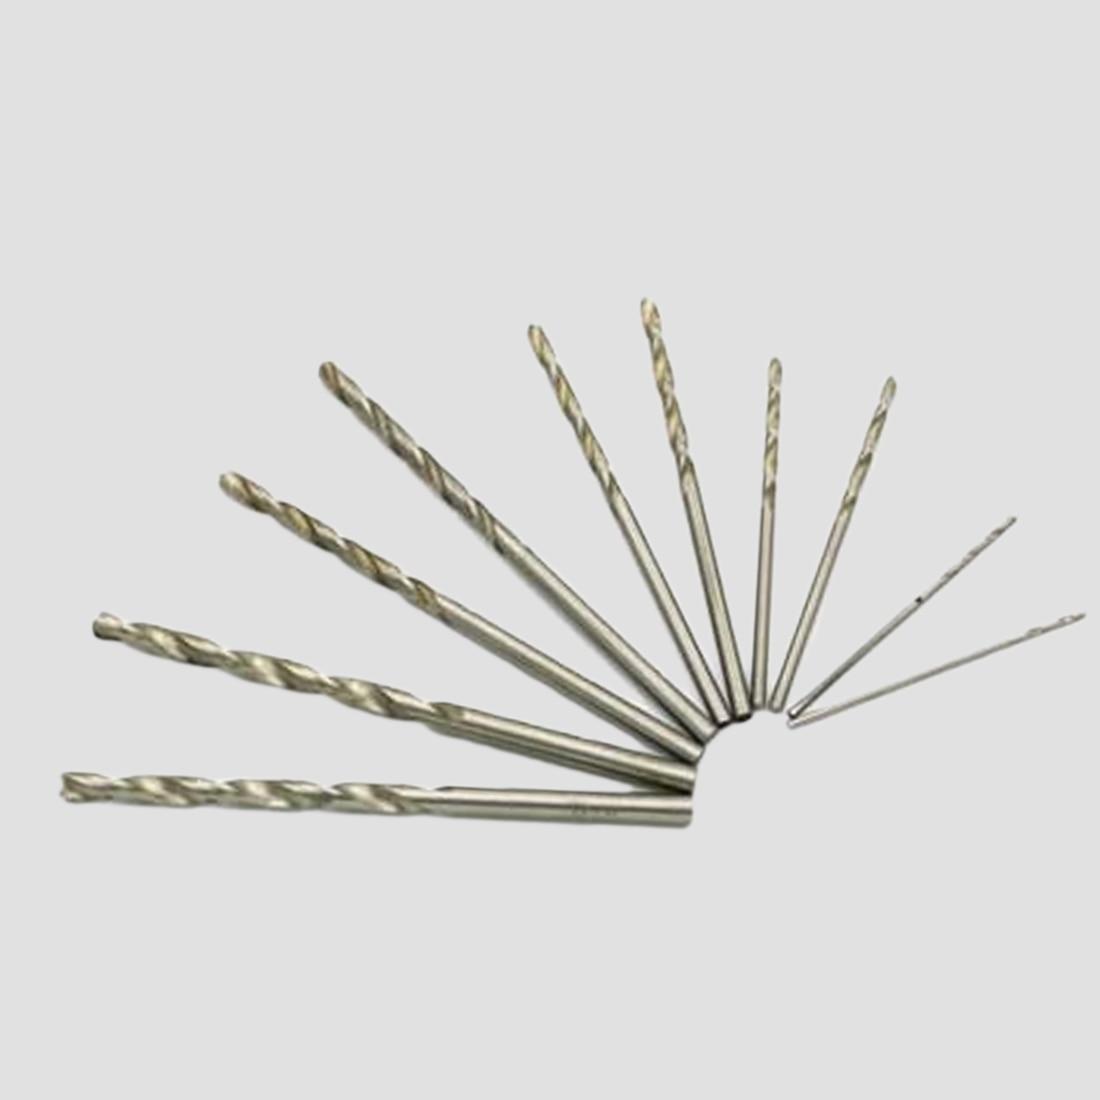 10pcs Micro HSS Drill Bits 0.5-3mm Straight Twist Drill Bits White Steel Drill Bits For Dremel Rotary Tool Wood Drill Bit